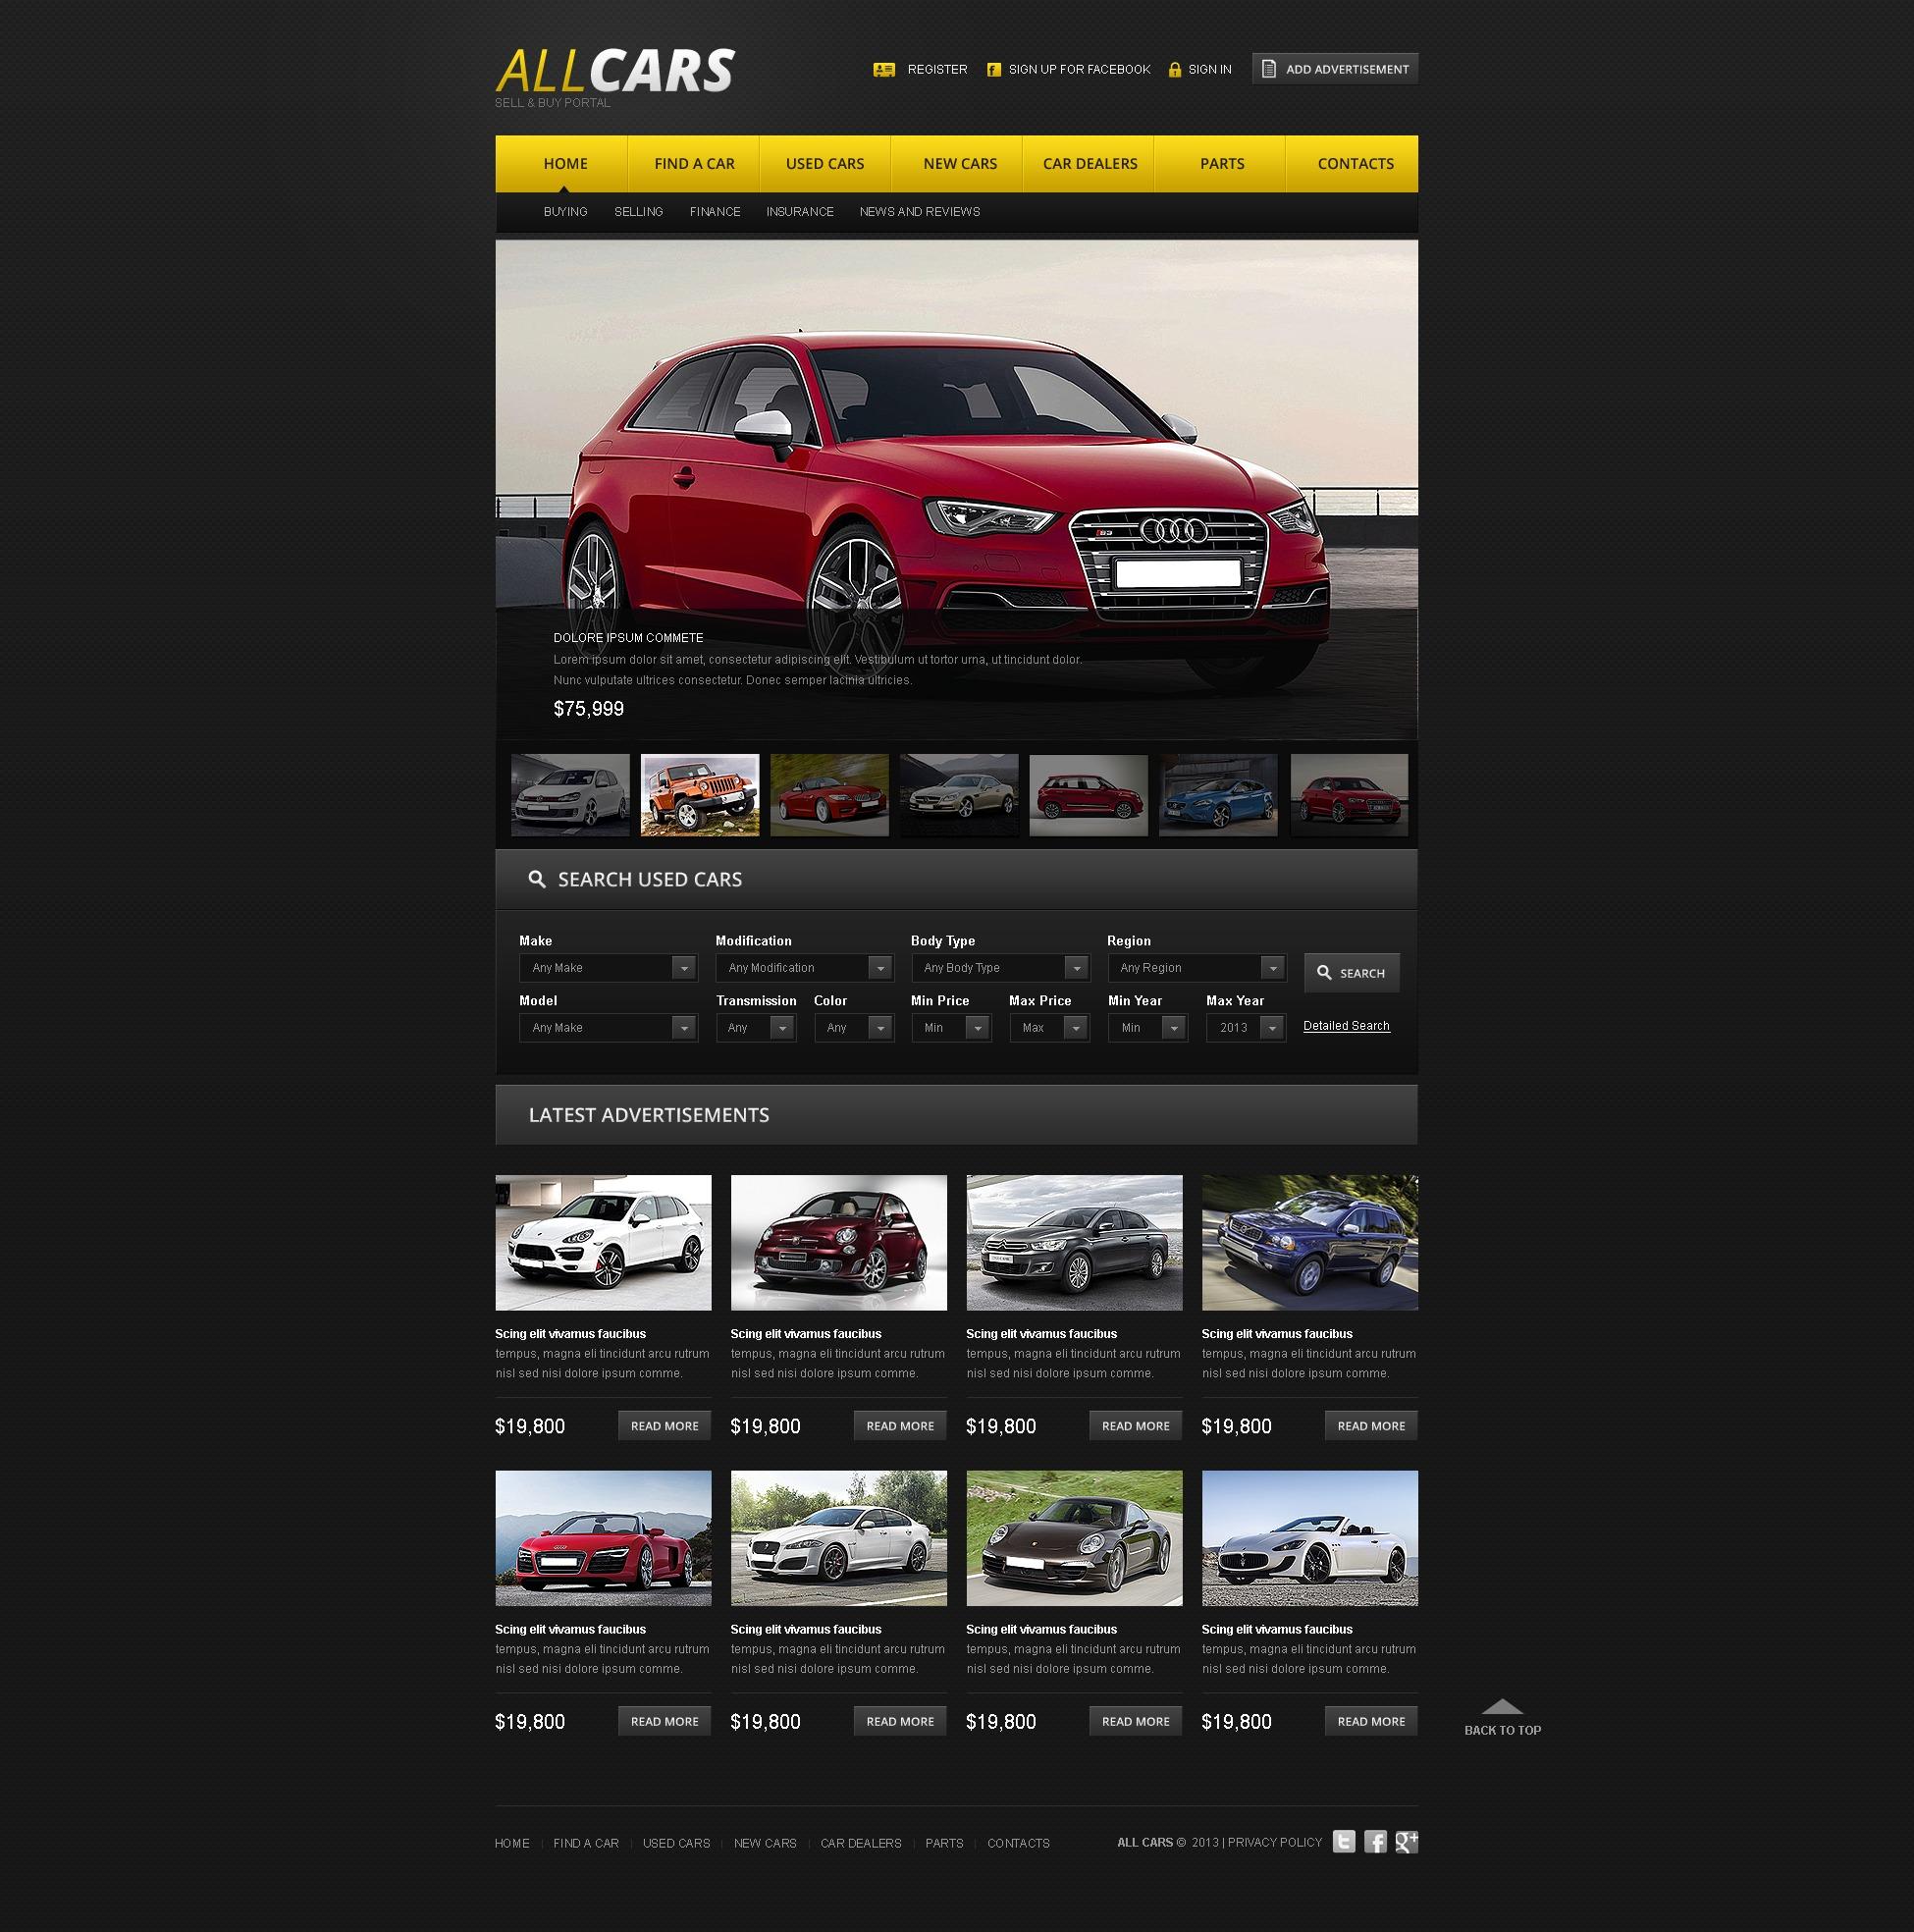 Szablon Strona Www #42186 na temat: sprzedawca samochodów